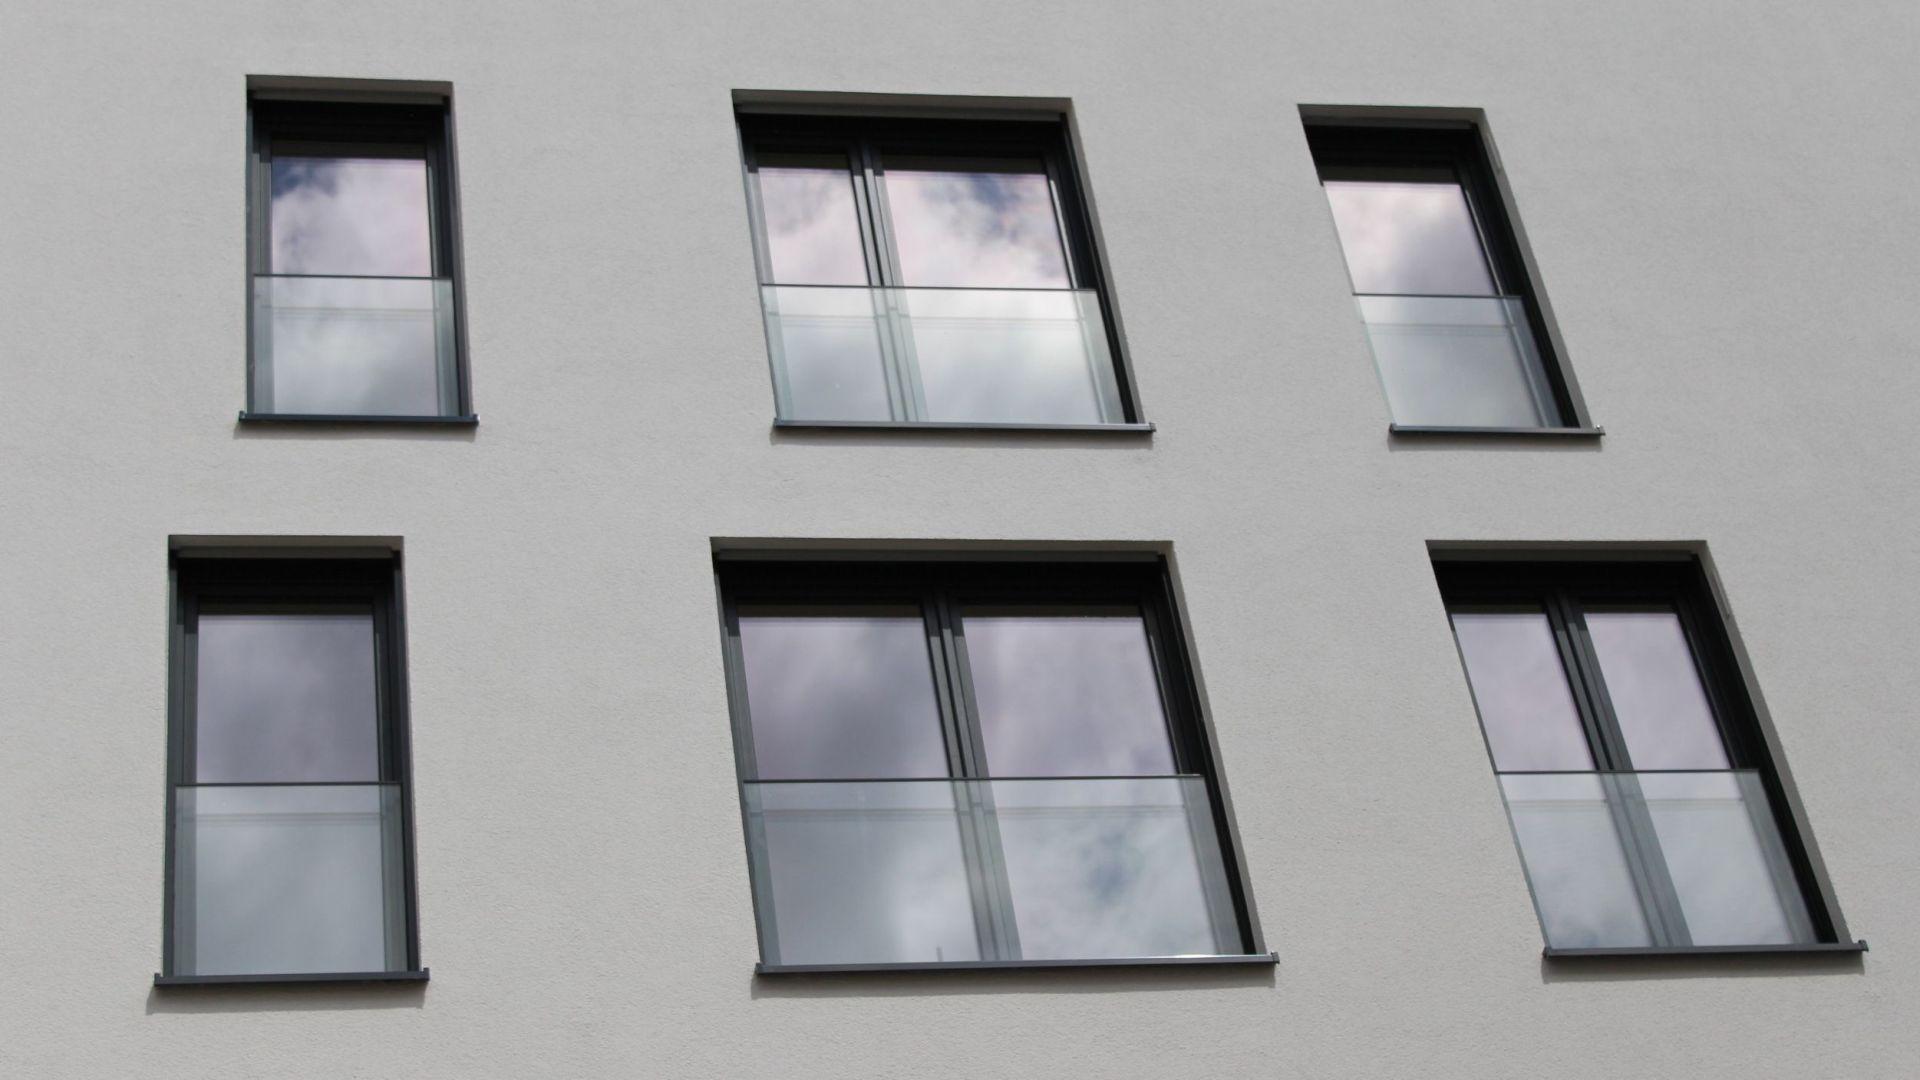 Full Size of Geteilte Bodentiefe Fenster Sichtschutz Geteilt Bodentief Einbauen Video Kaufen Anthrazit Velux Flachdach Klebefolie Insektenschutz Putzen Veka Rollos Innen Wohnzimmer Bodentiefe Fenster Geteilt